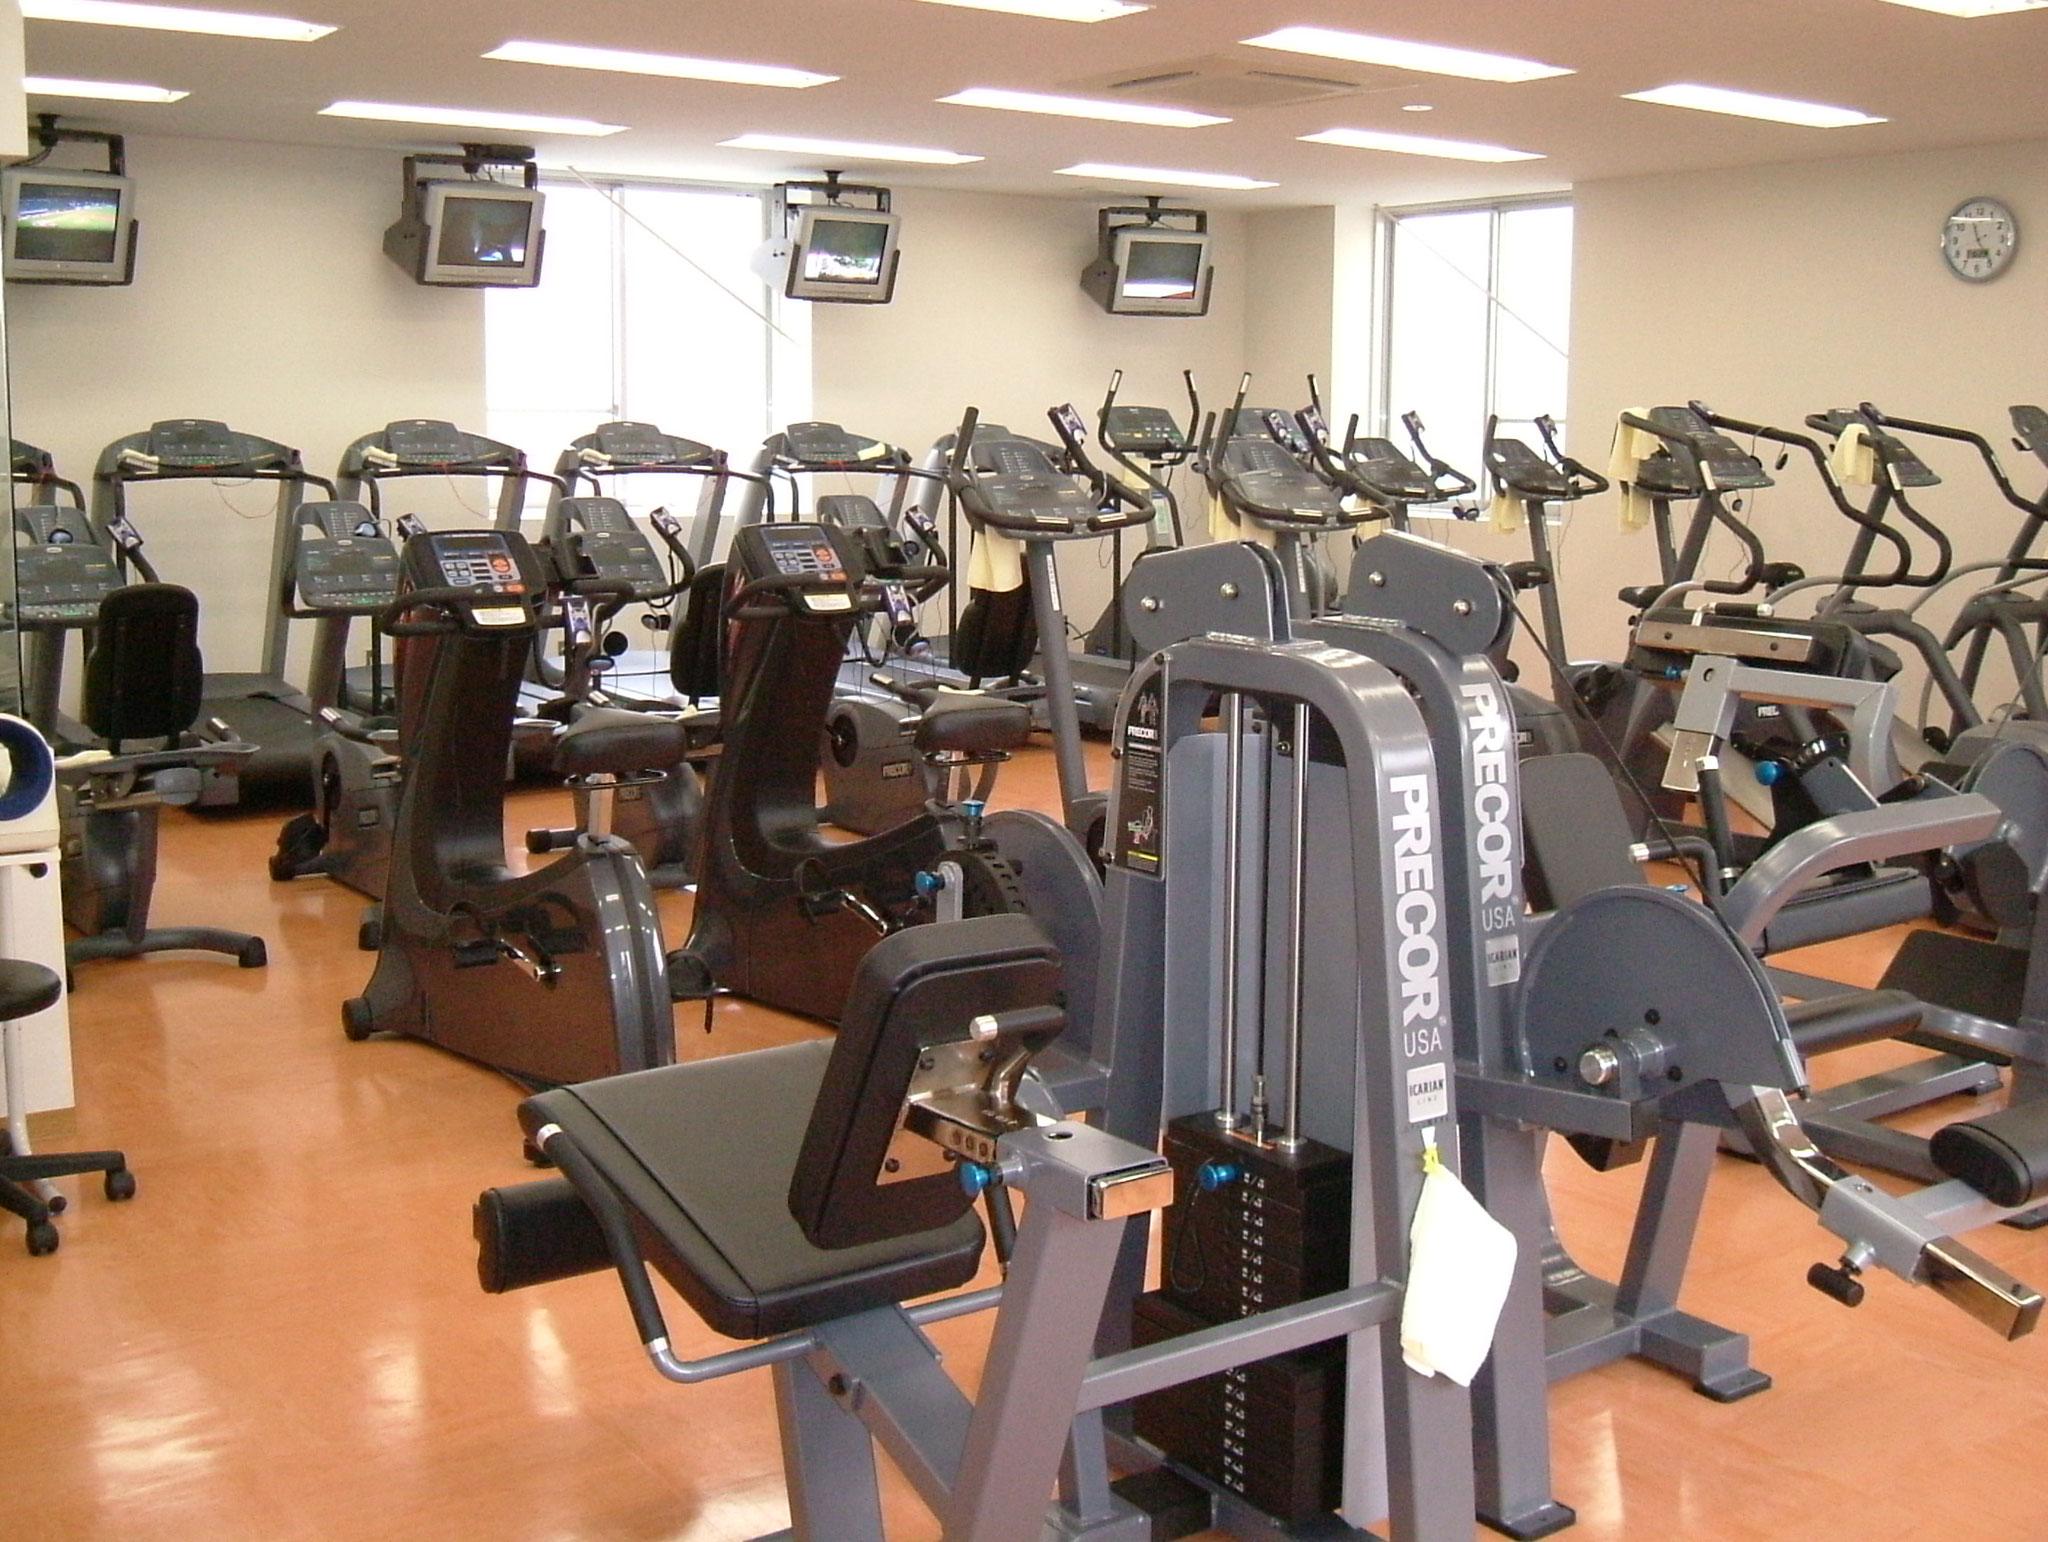 トレーニングジム|トレーニングジムには、ウォーキングマシンや筋力アップマシンなど有名なプリコーのマシンが並んでいます。